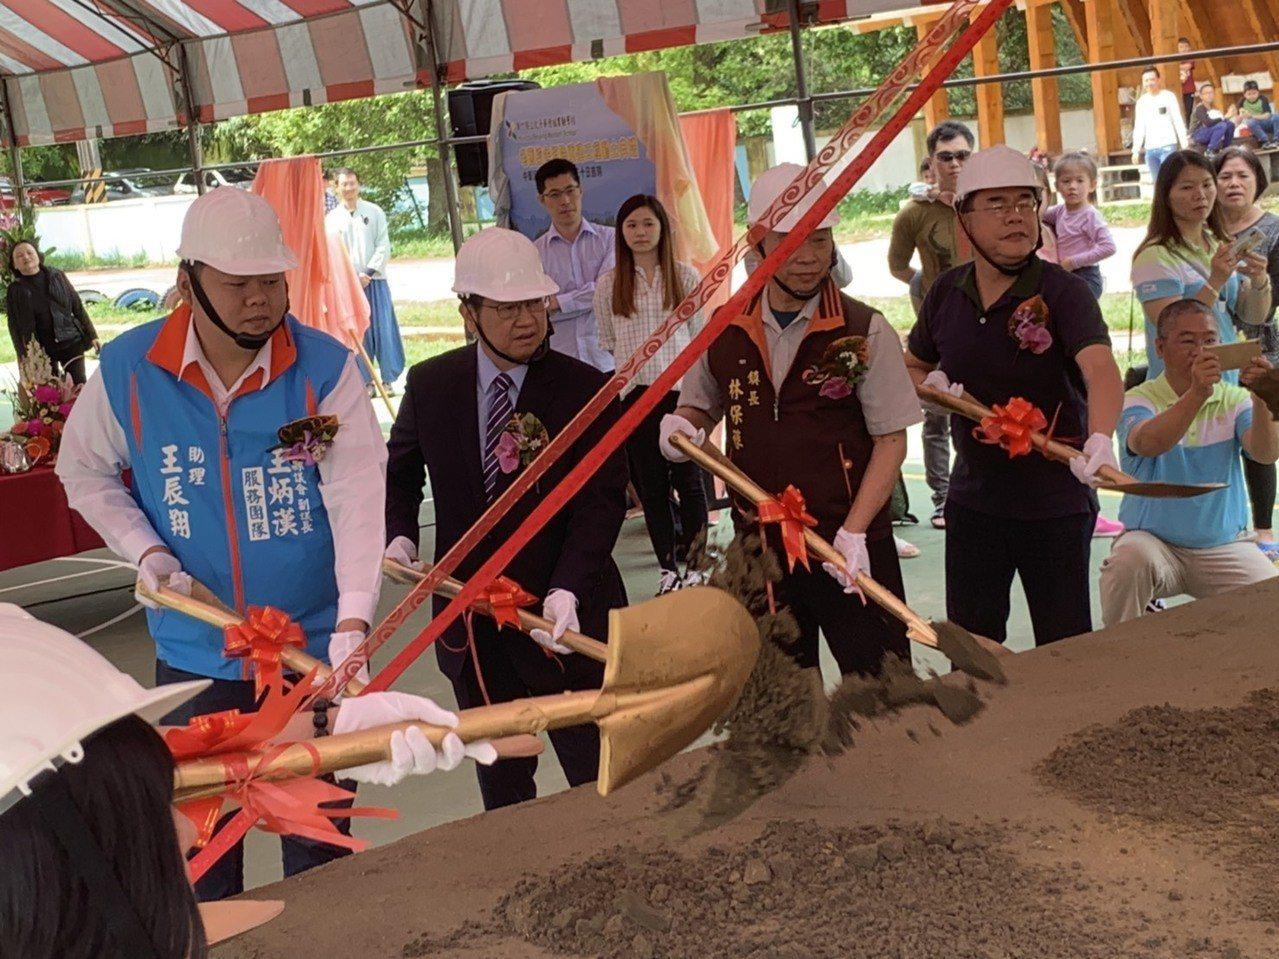 位於新竹縣新埔鎮的北平華德福實驗學校,因原有校舍老舊,今天舉行整建工程動土典禮。...